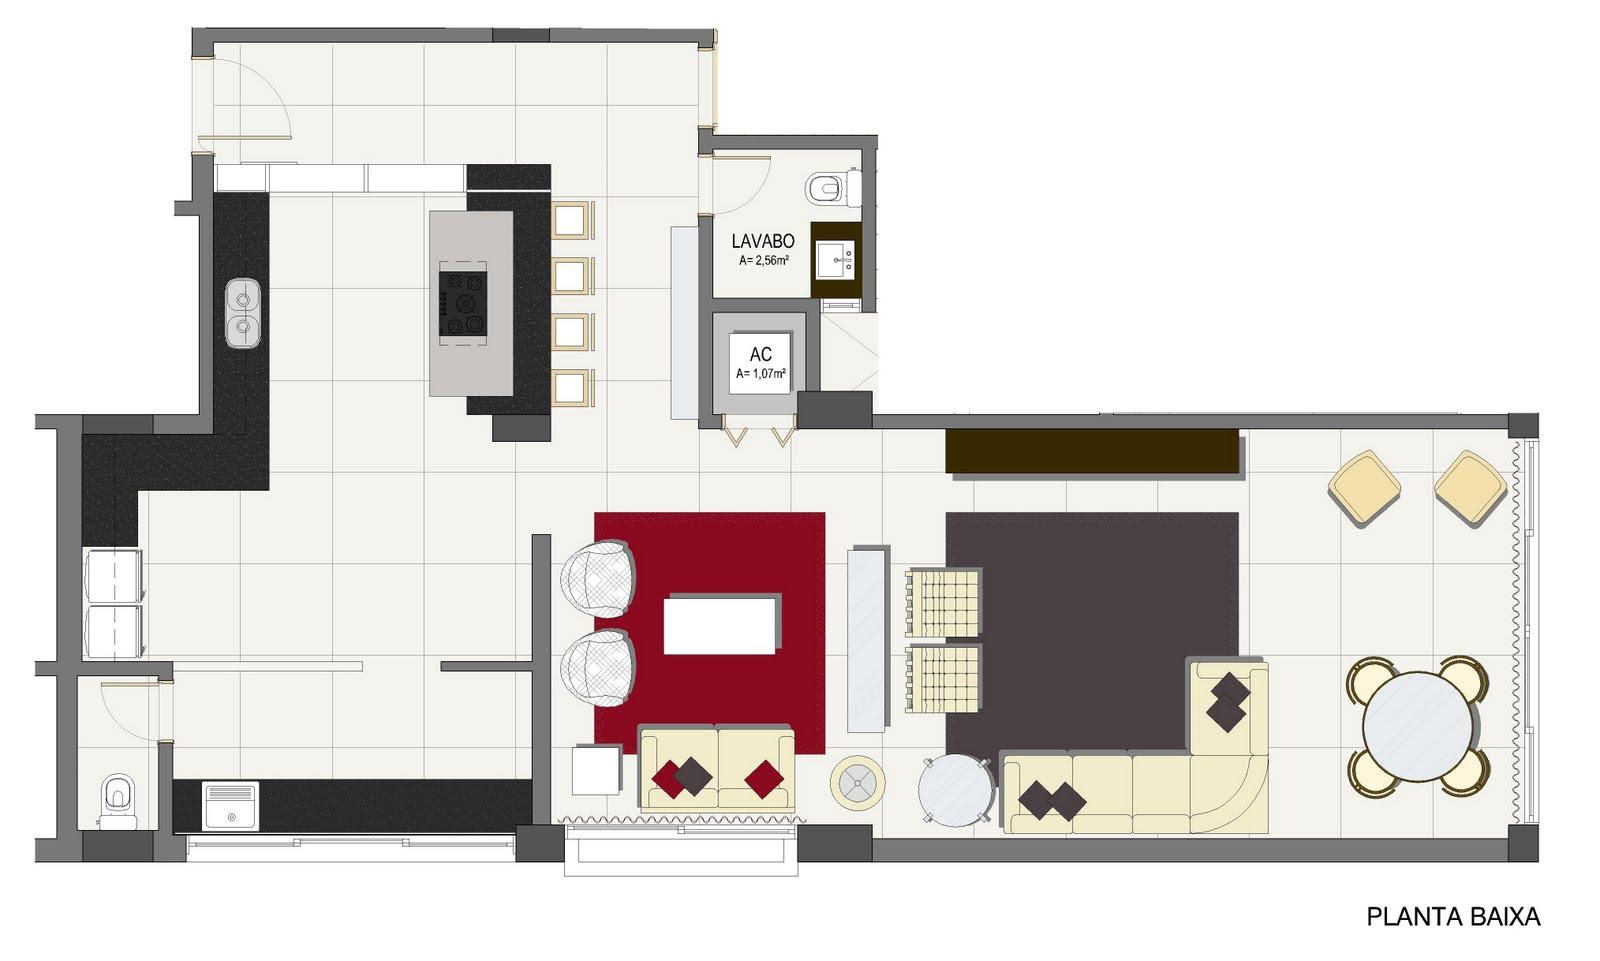 Projetos Arquitetônicos #870F23 1600 961